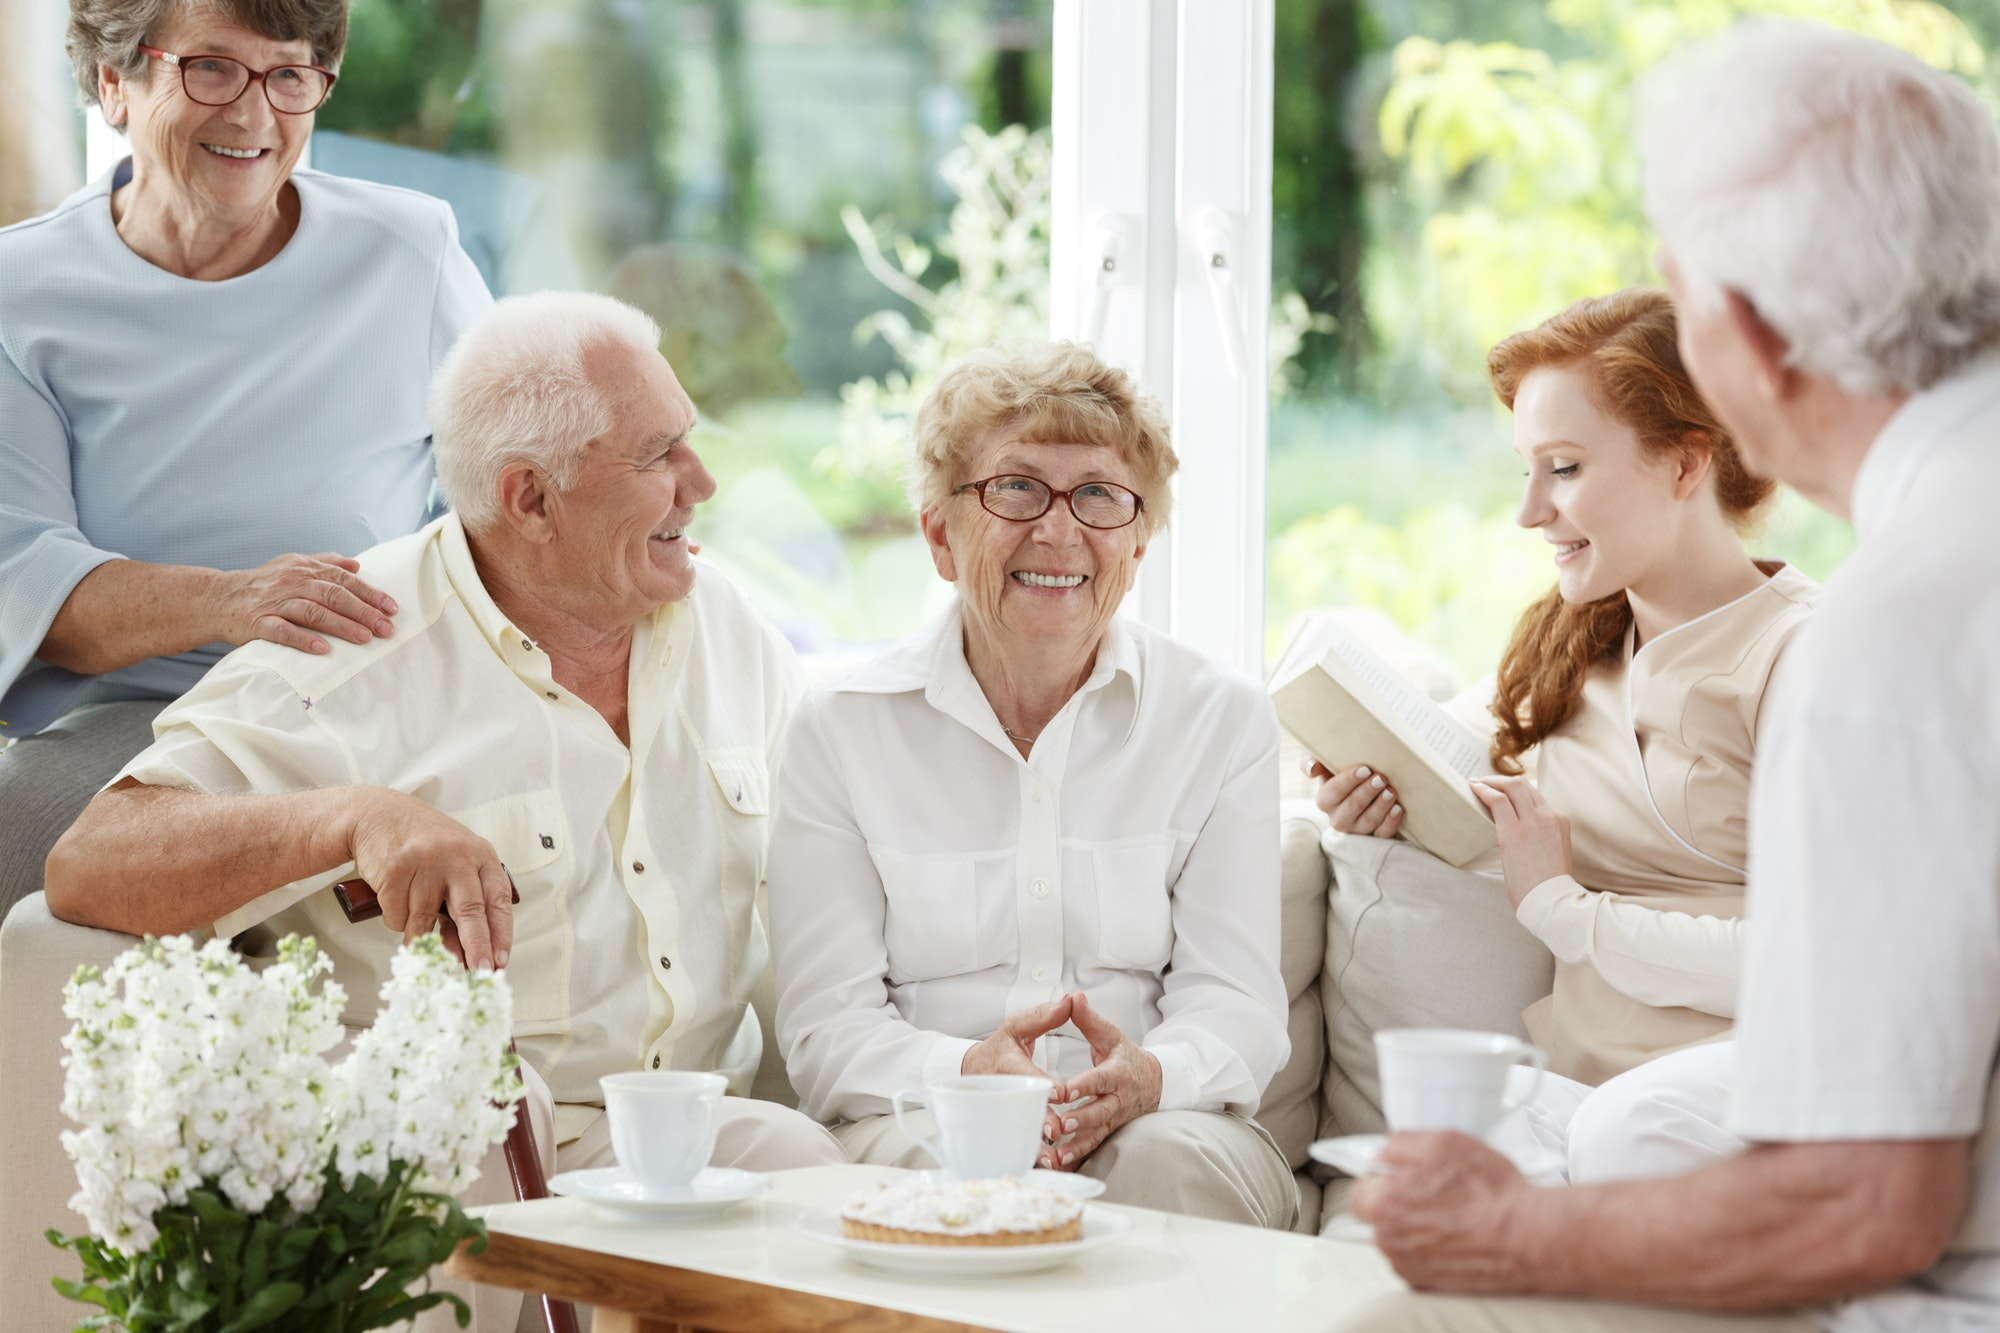 Nanny for the elderly reading